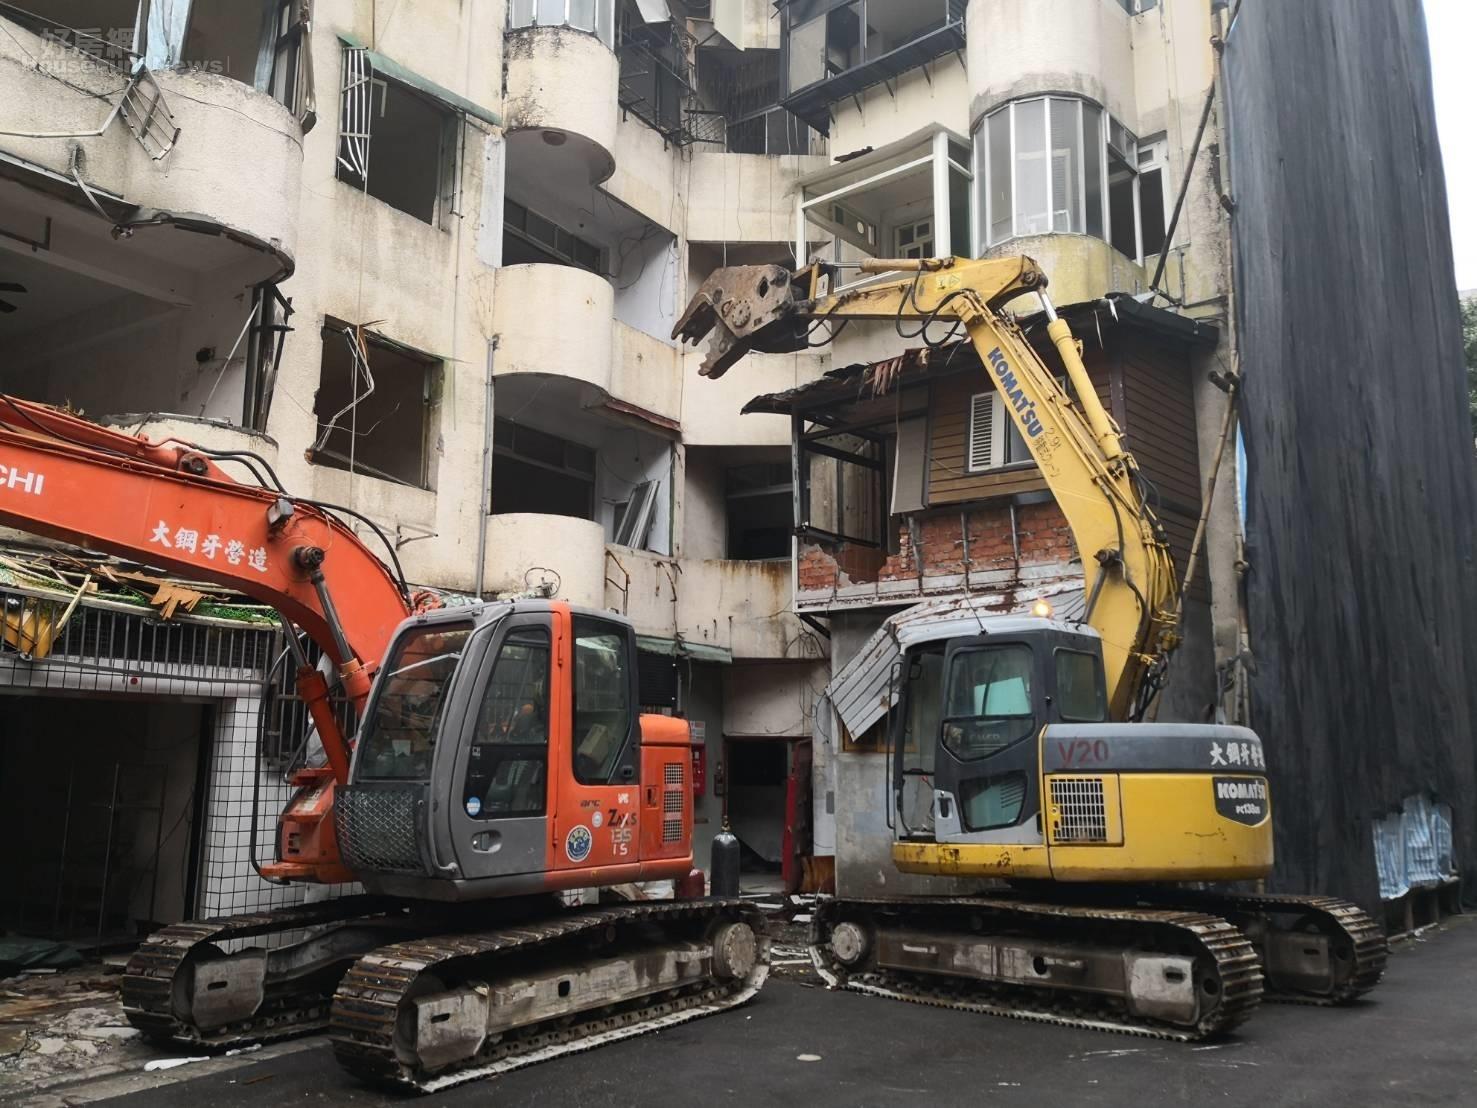 新北市府執行中和區南山段危老重建案老屋拆除作業。照片新北市城鄉局提供